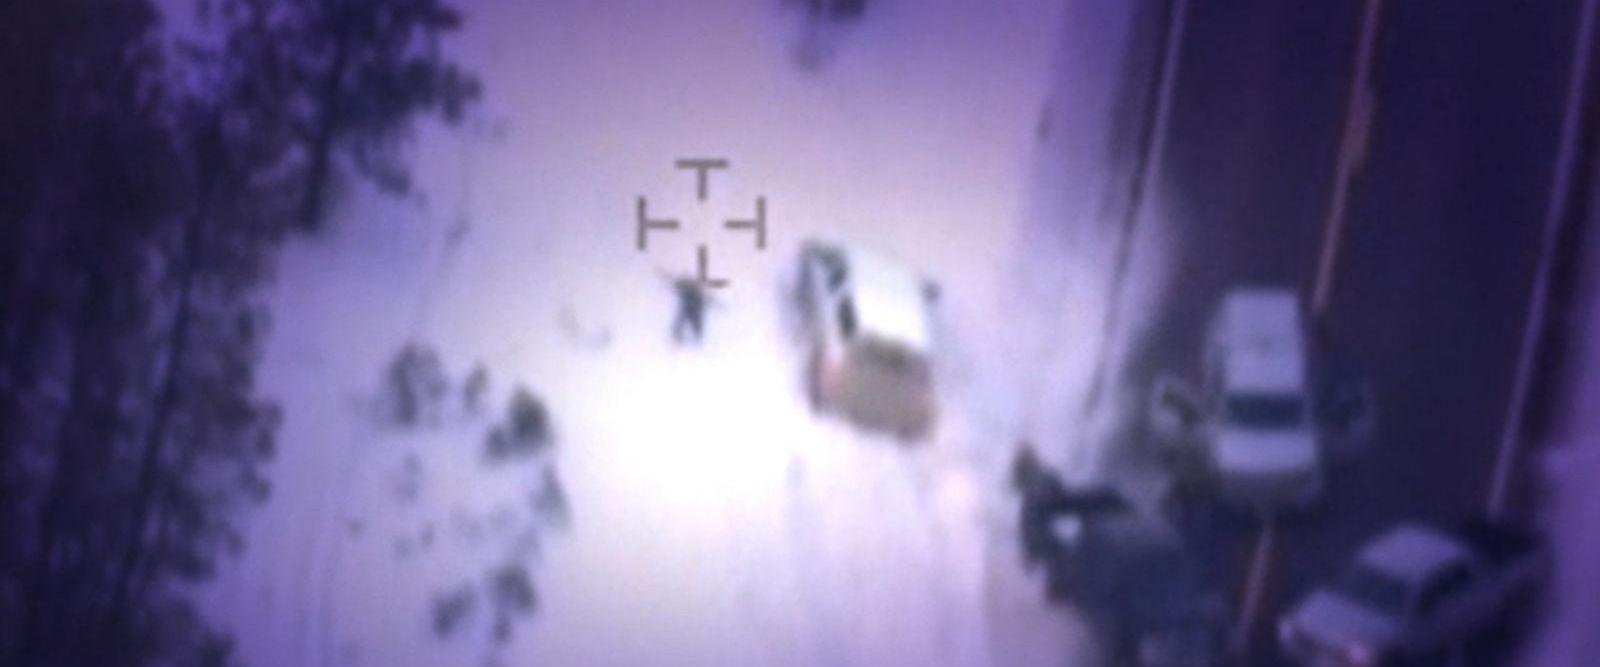 VIDEO: FBI agent indicted in Oregon wildlife refuge occupation